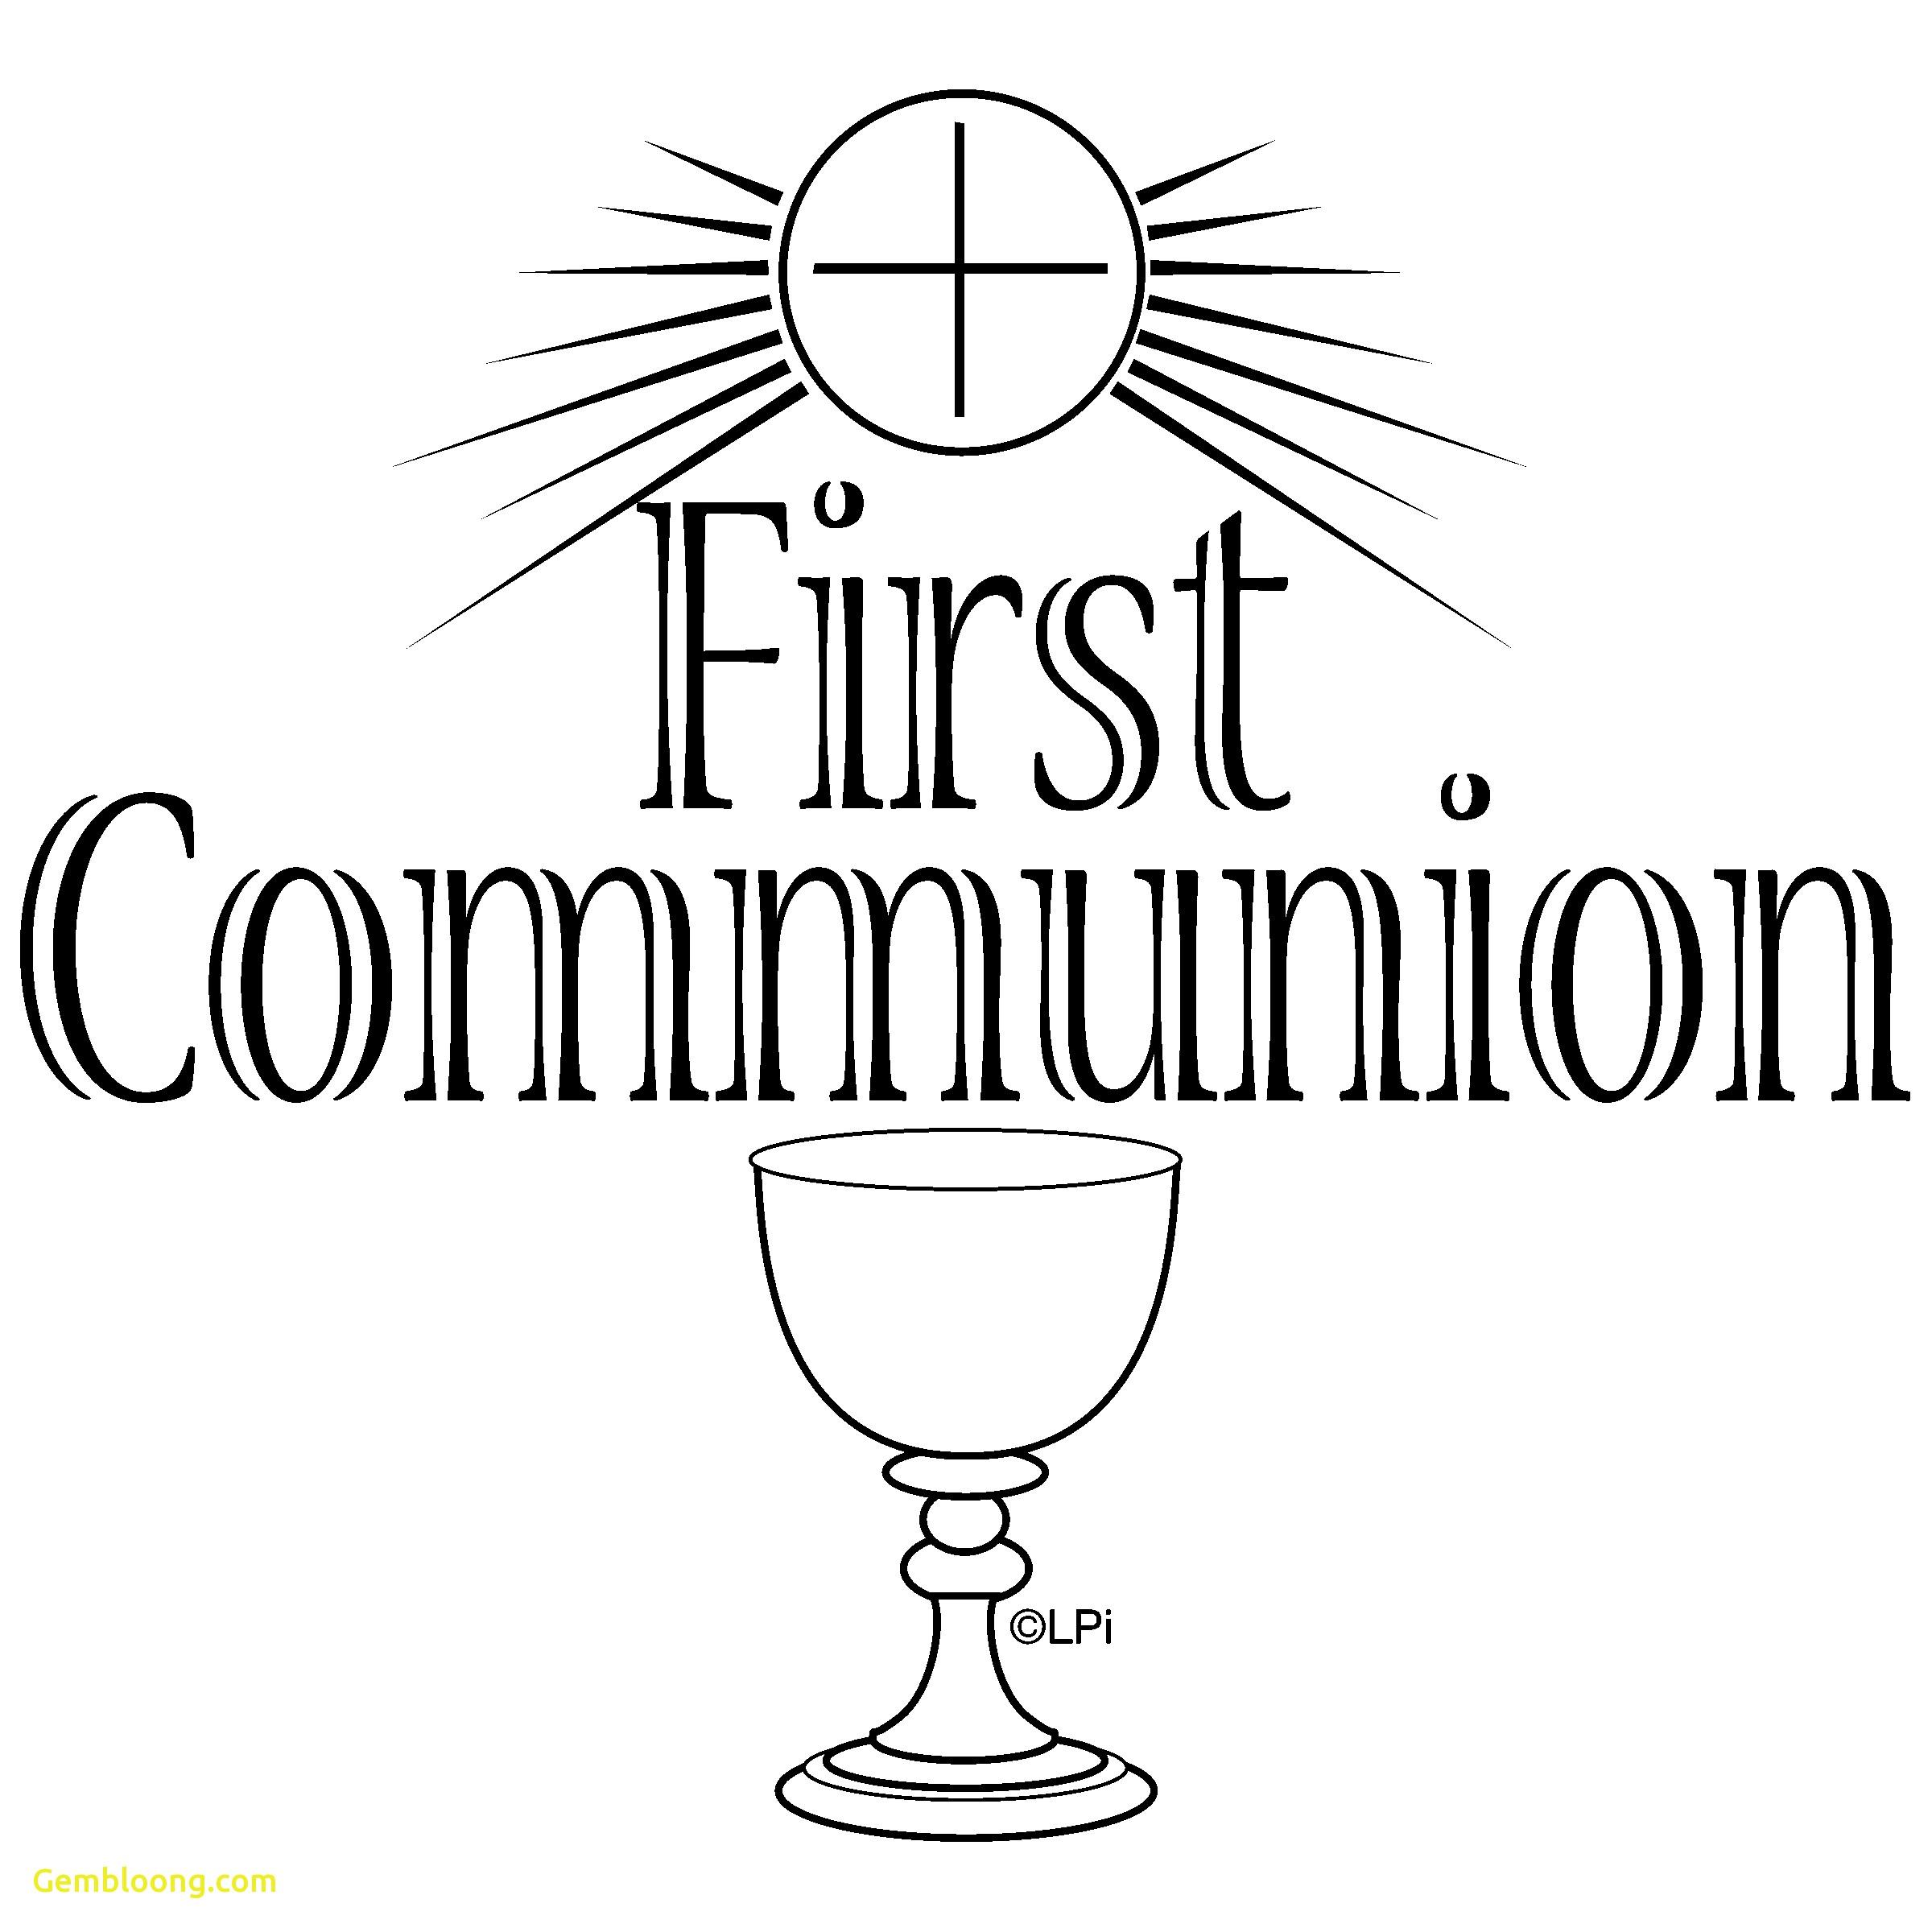 1st Communion Clipart.